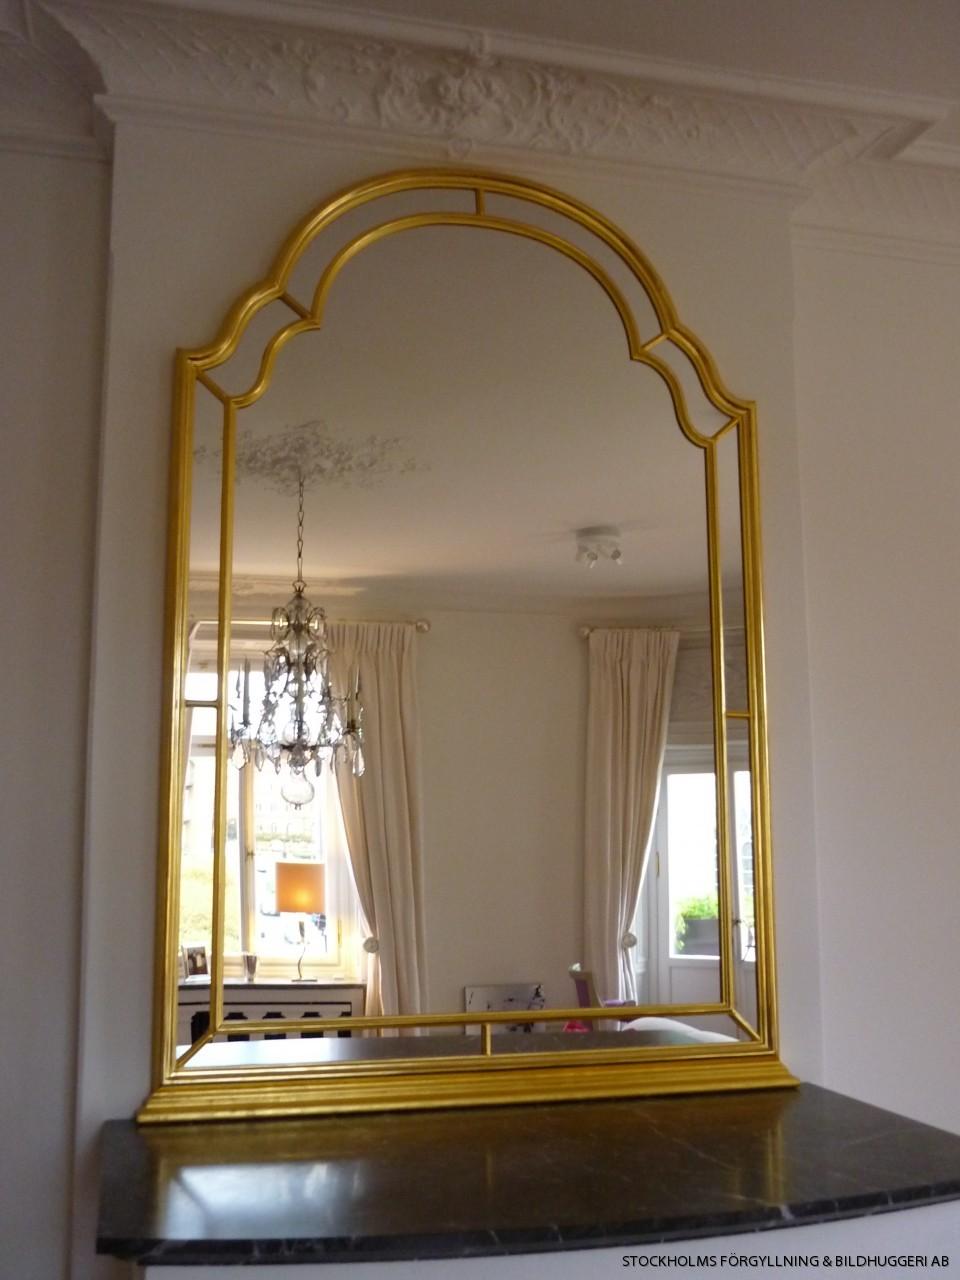 Speglar antika eller nytillverkade i stockholm förgyllare bildhuggare